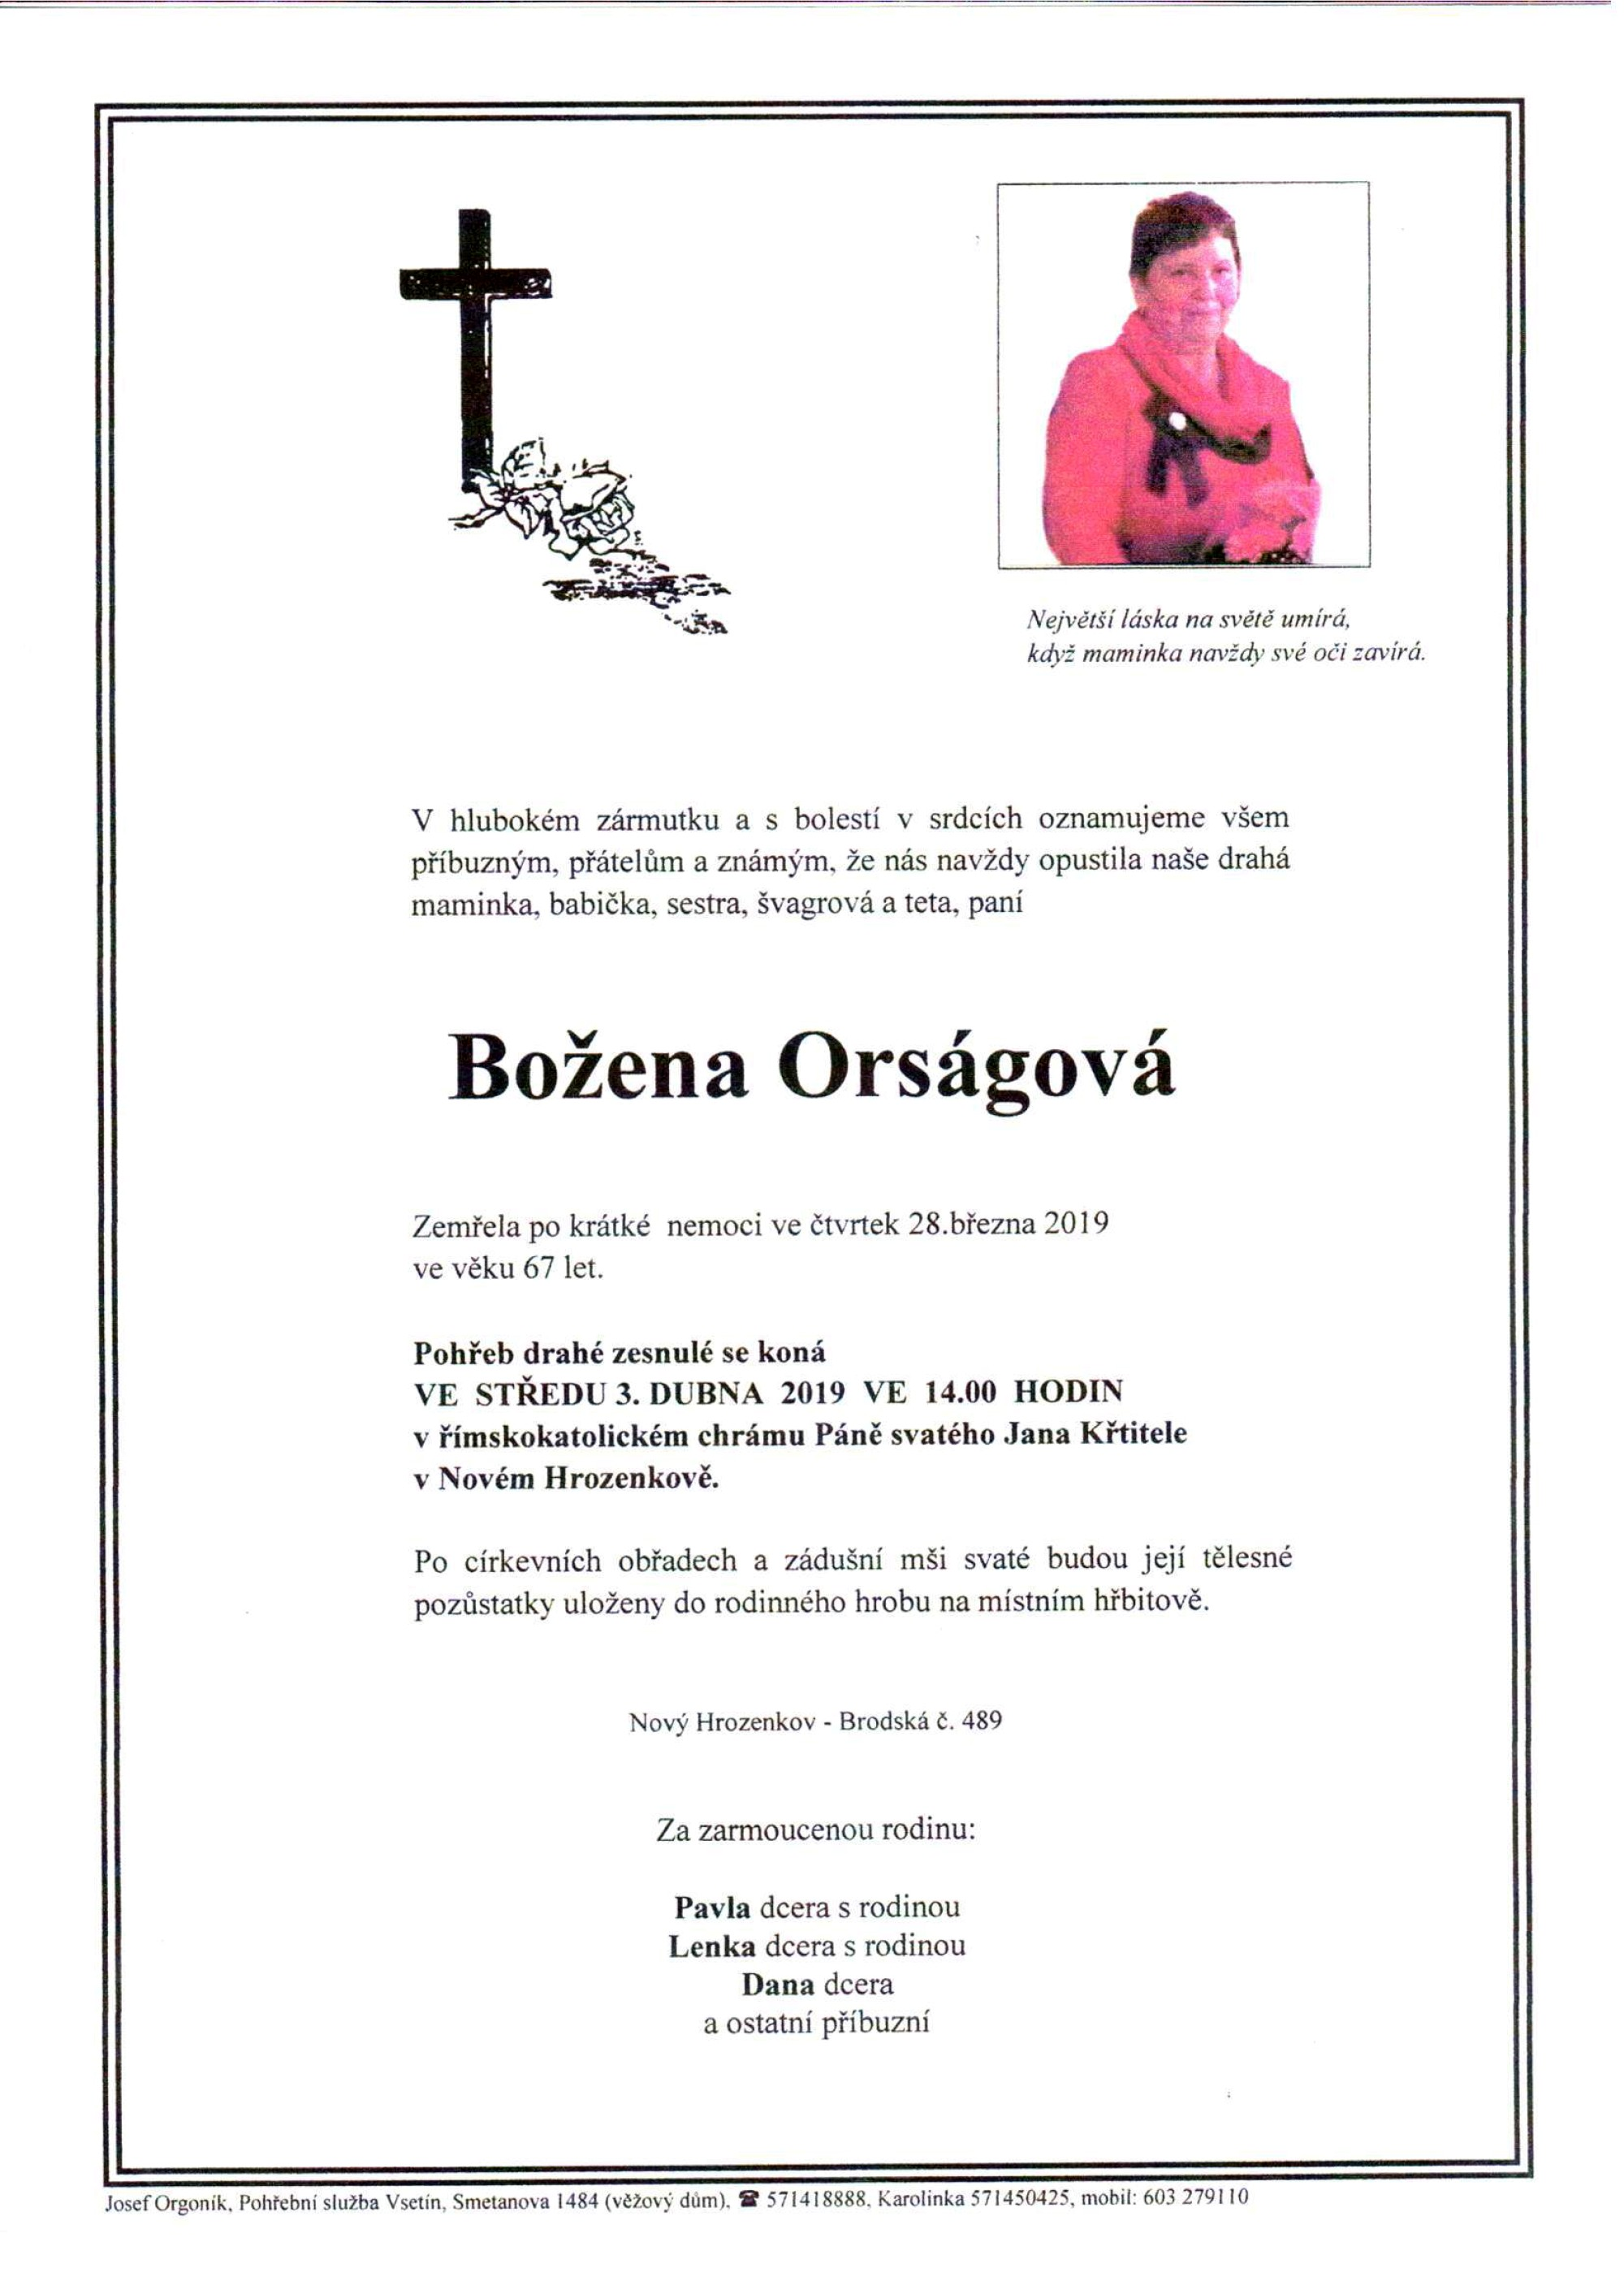 Božena Orságová